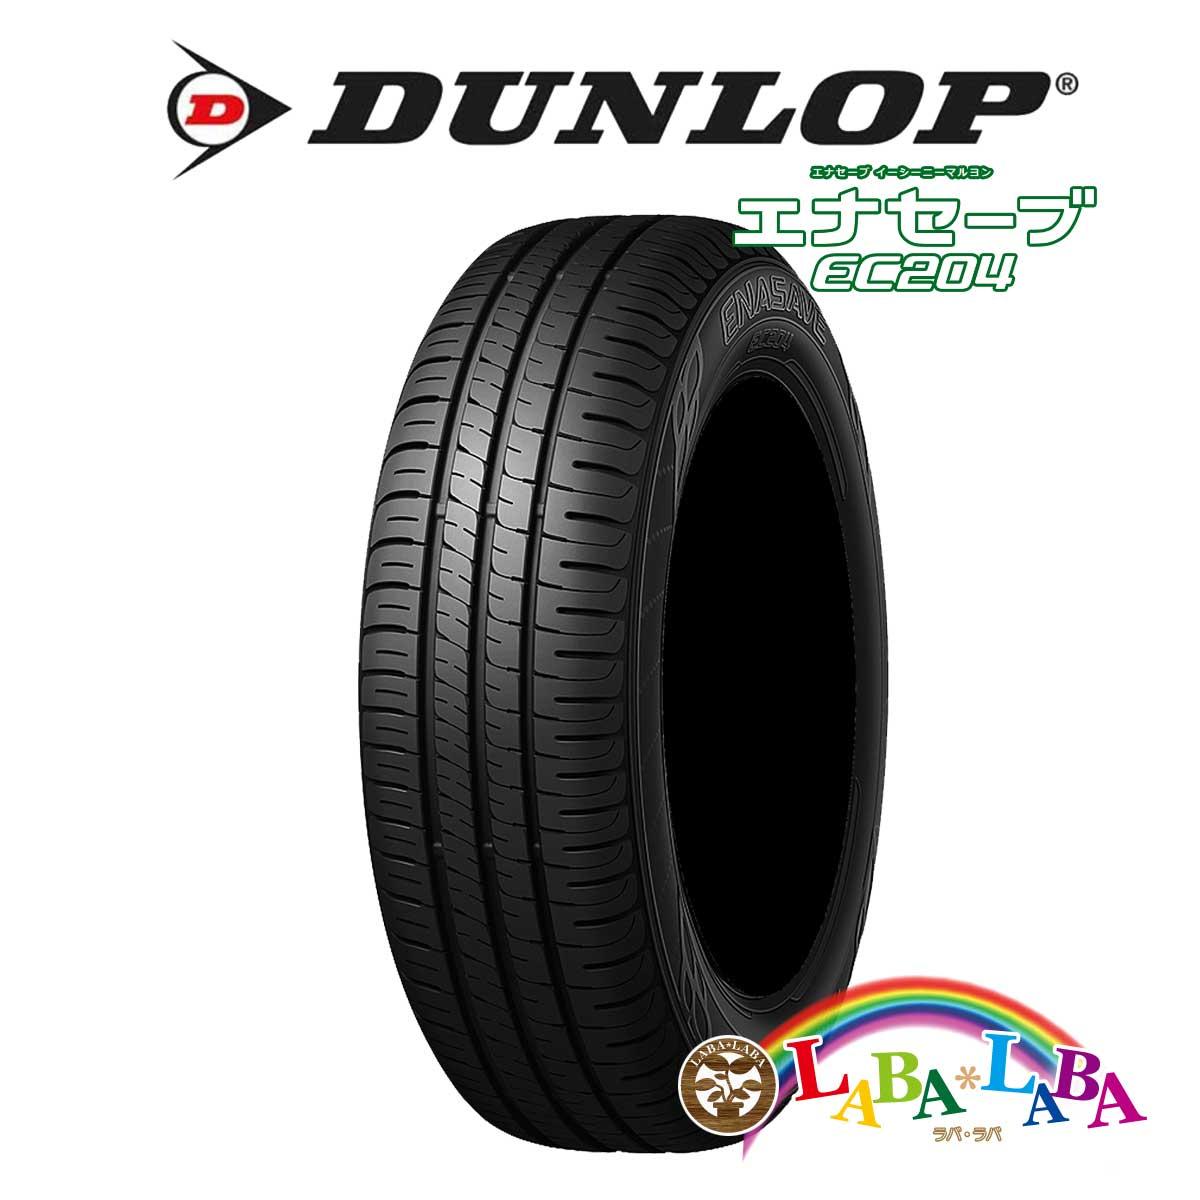 2本以上送料無料 国産タイヤ サマータイヤ 新品 タイヤのみ DUNLOP 与え 未使用品 ダンロップ エナセーブ 45R17 EC204 215 91W ENASAVE